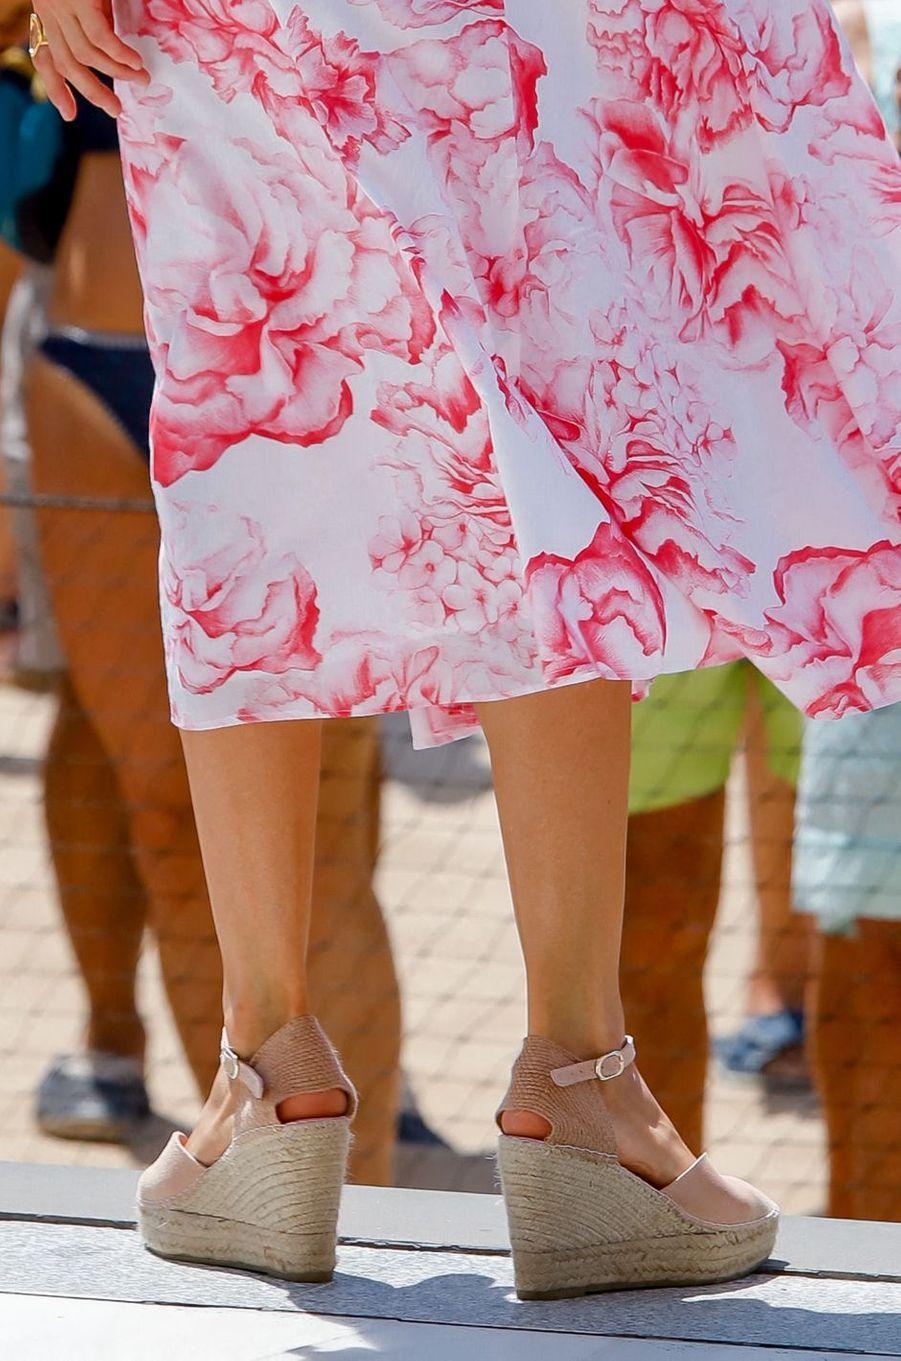 Les chaussures de la reine Letizia d'Espagne à Benidorm, le 3 juillet 2020